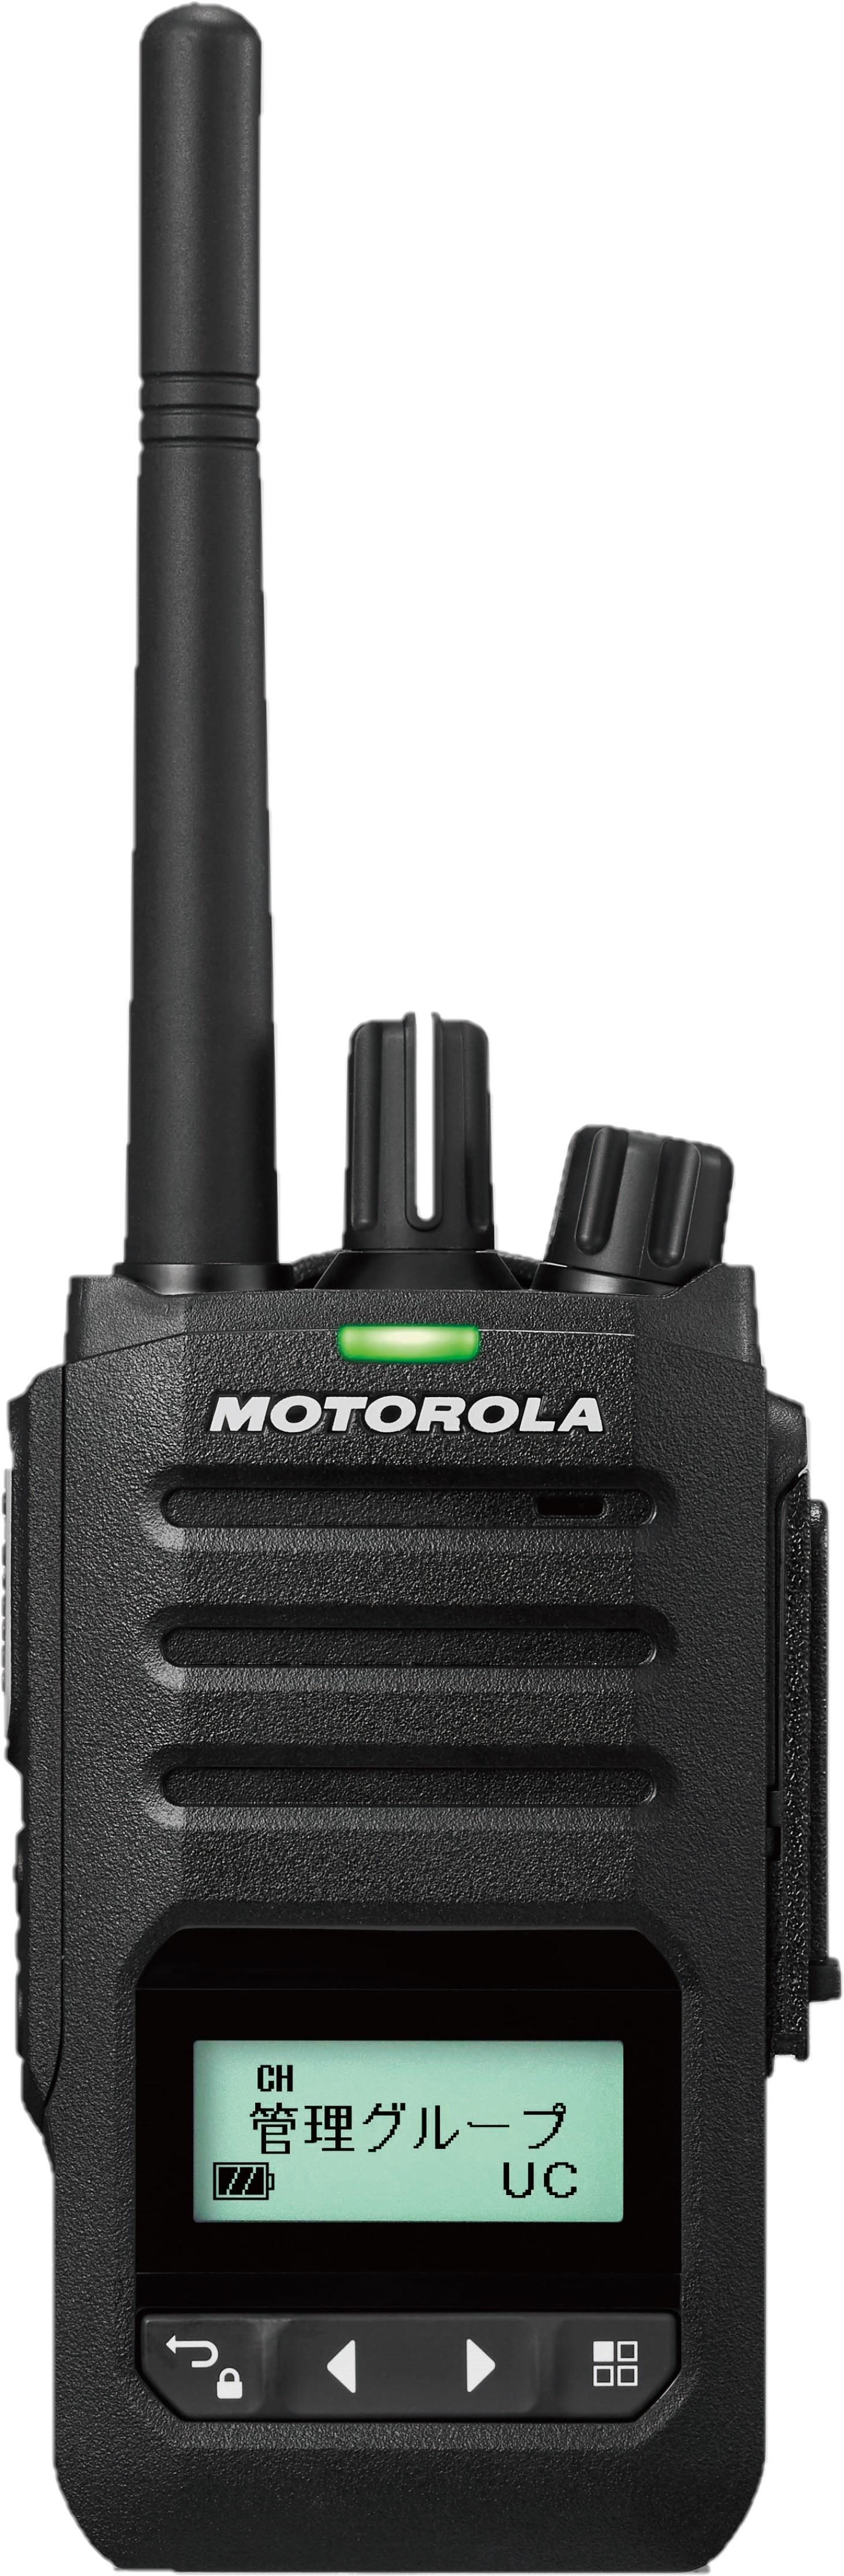 モトローラ MiT3000